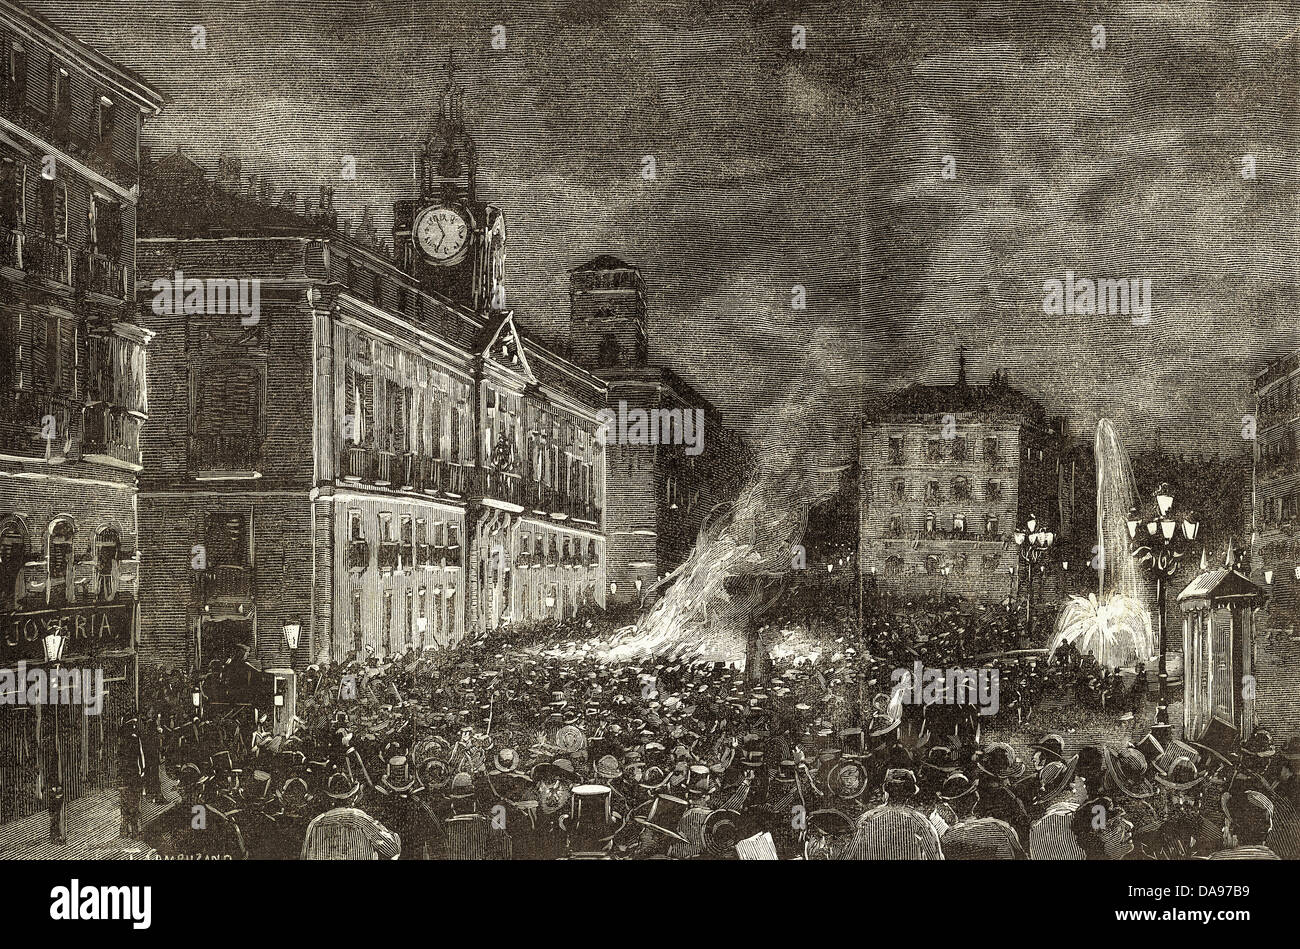 Spanien. Konflikt von den Karolinen. Patriotische Protest am Abend 4. August 1885 an der Puerta del Sol, Madrid. Stockbild